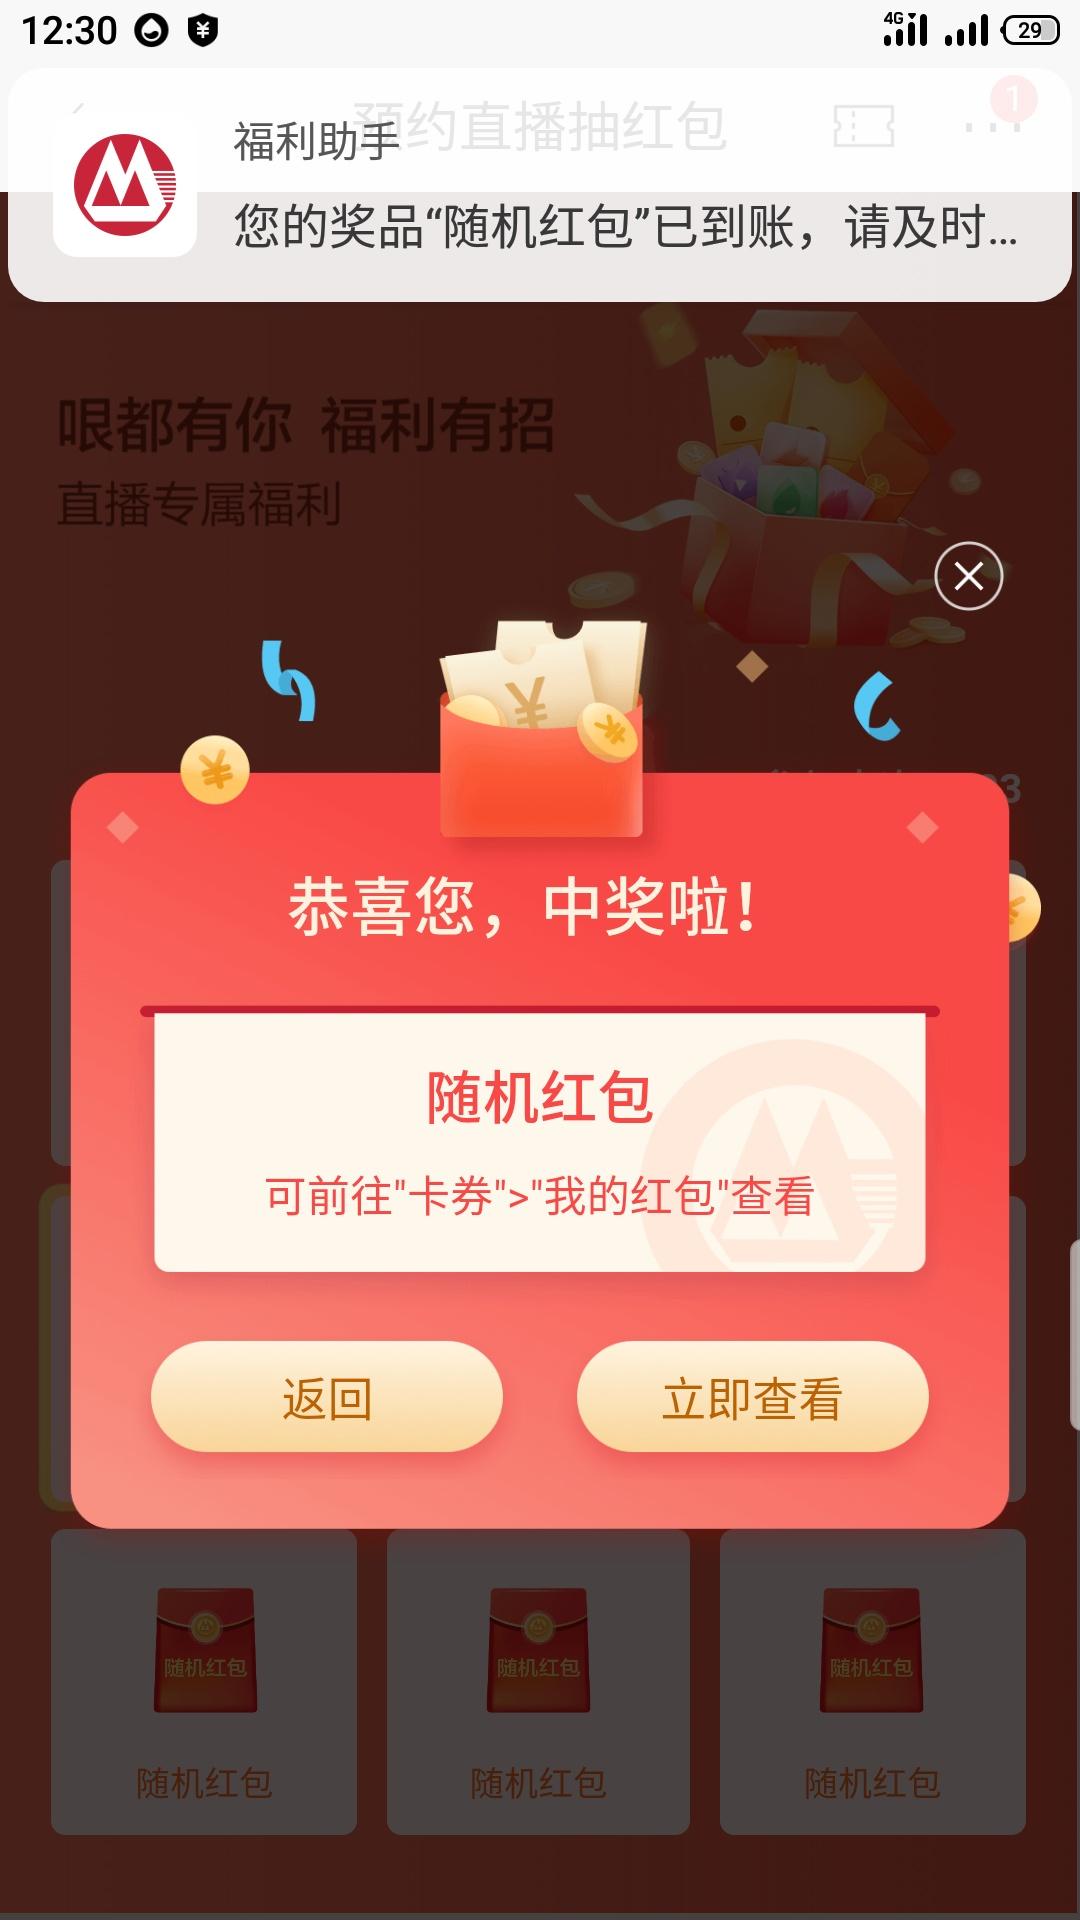 招商银行app预约直播抽红包插图2